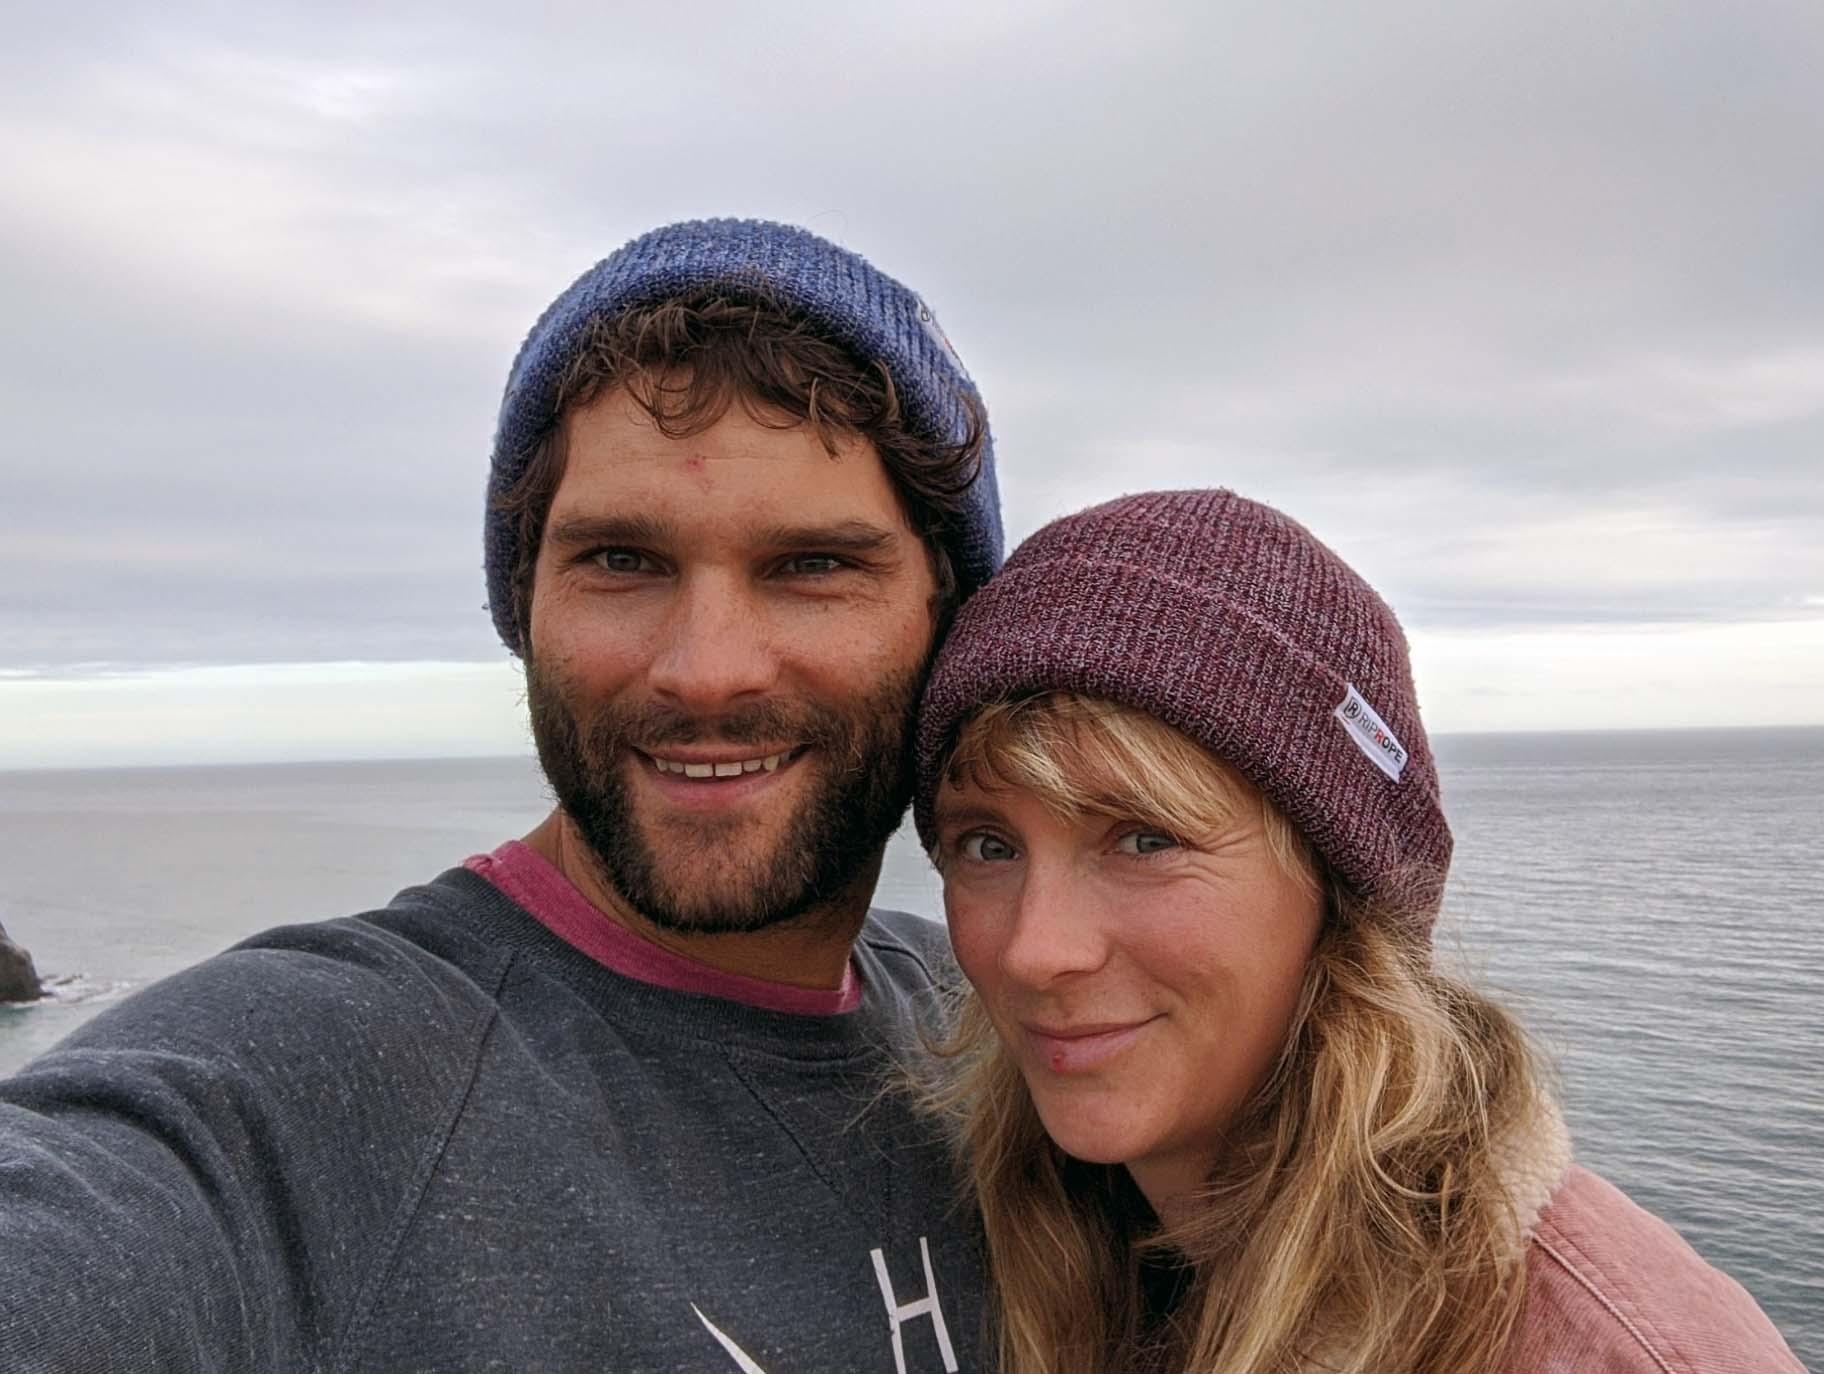 Abbildung von Dirk und Sanja